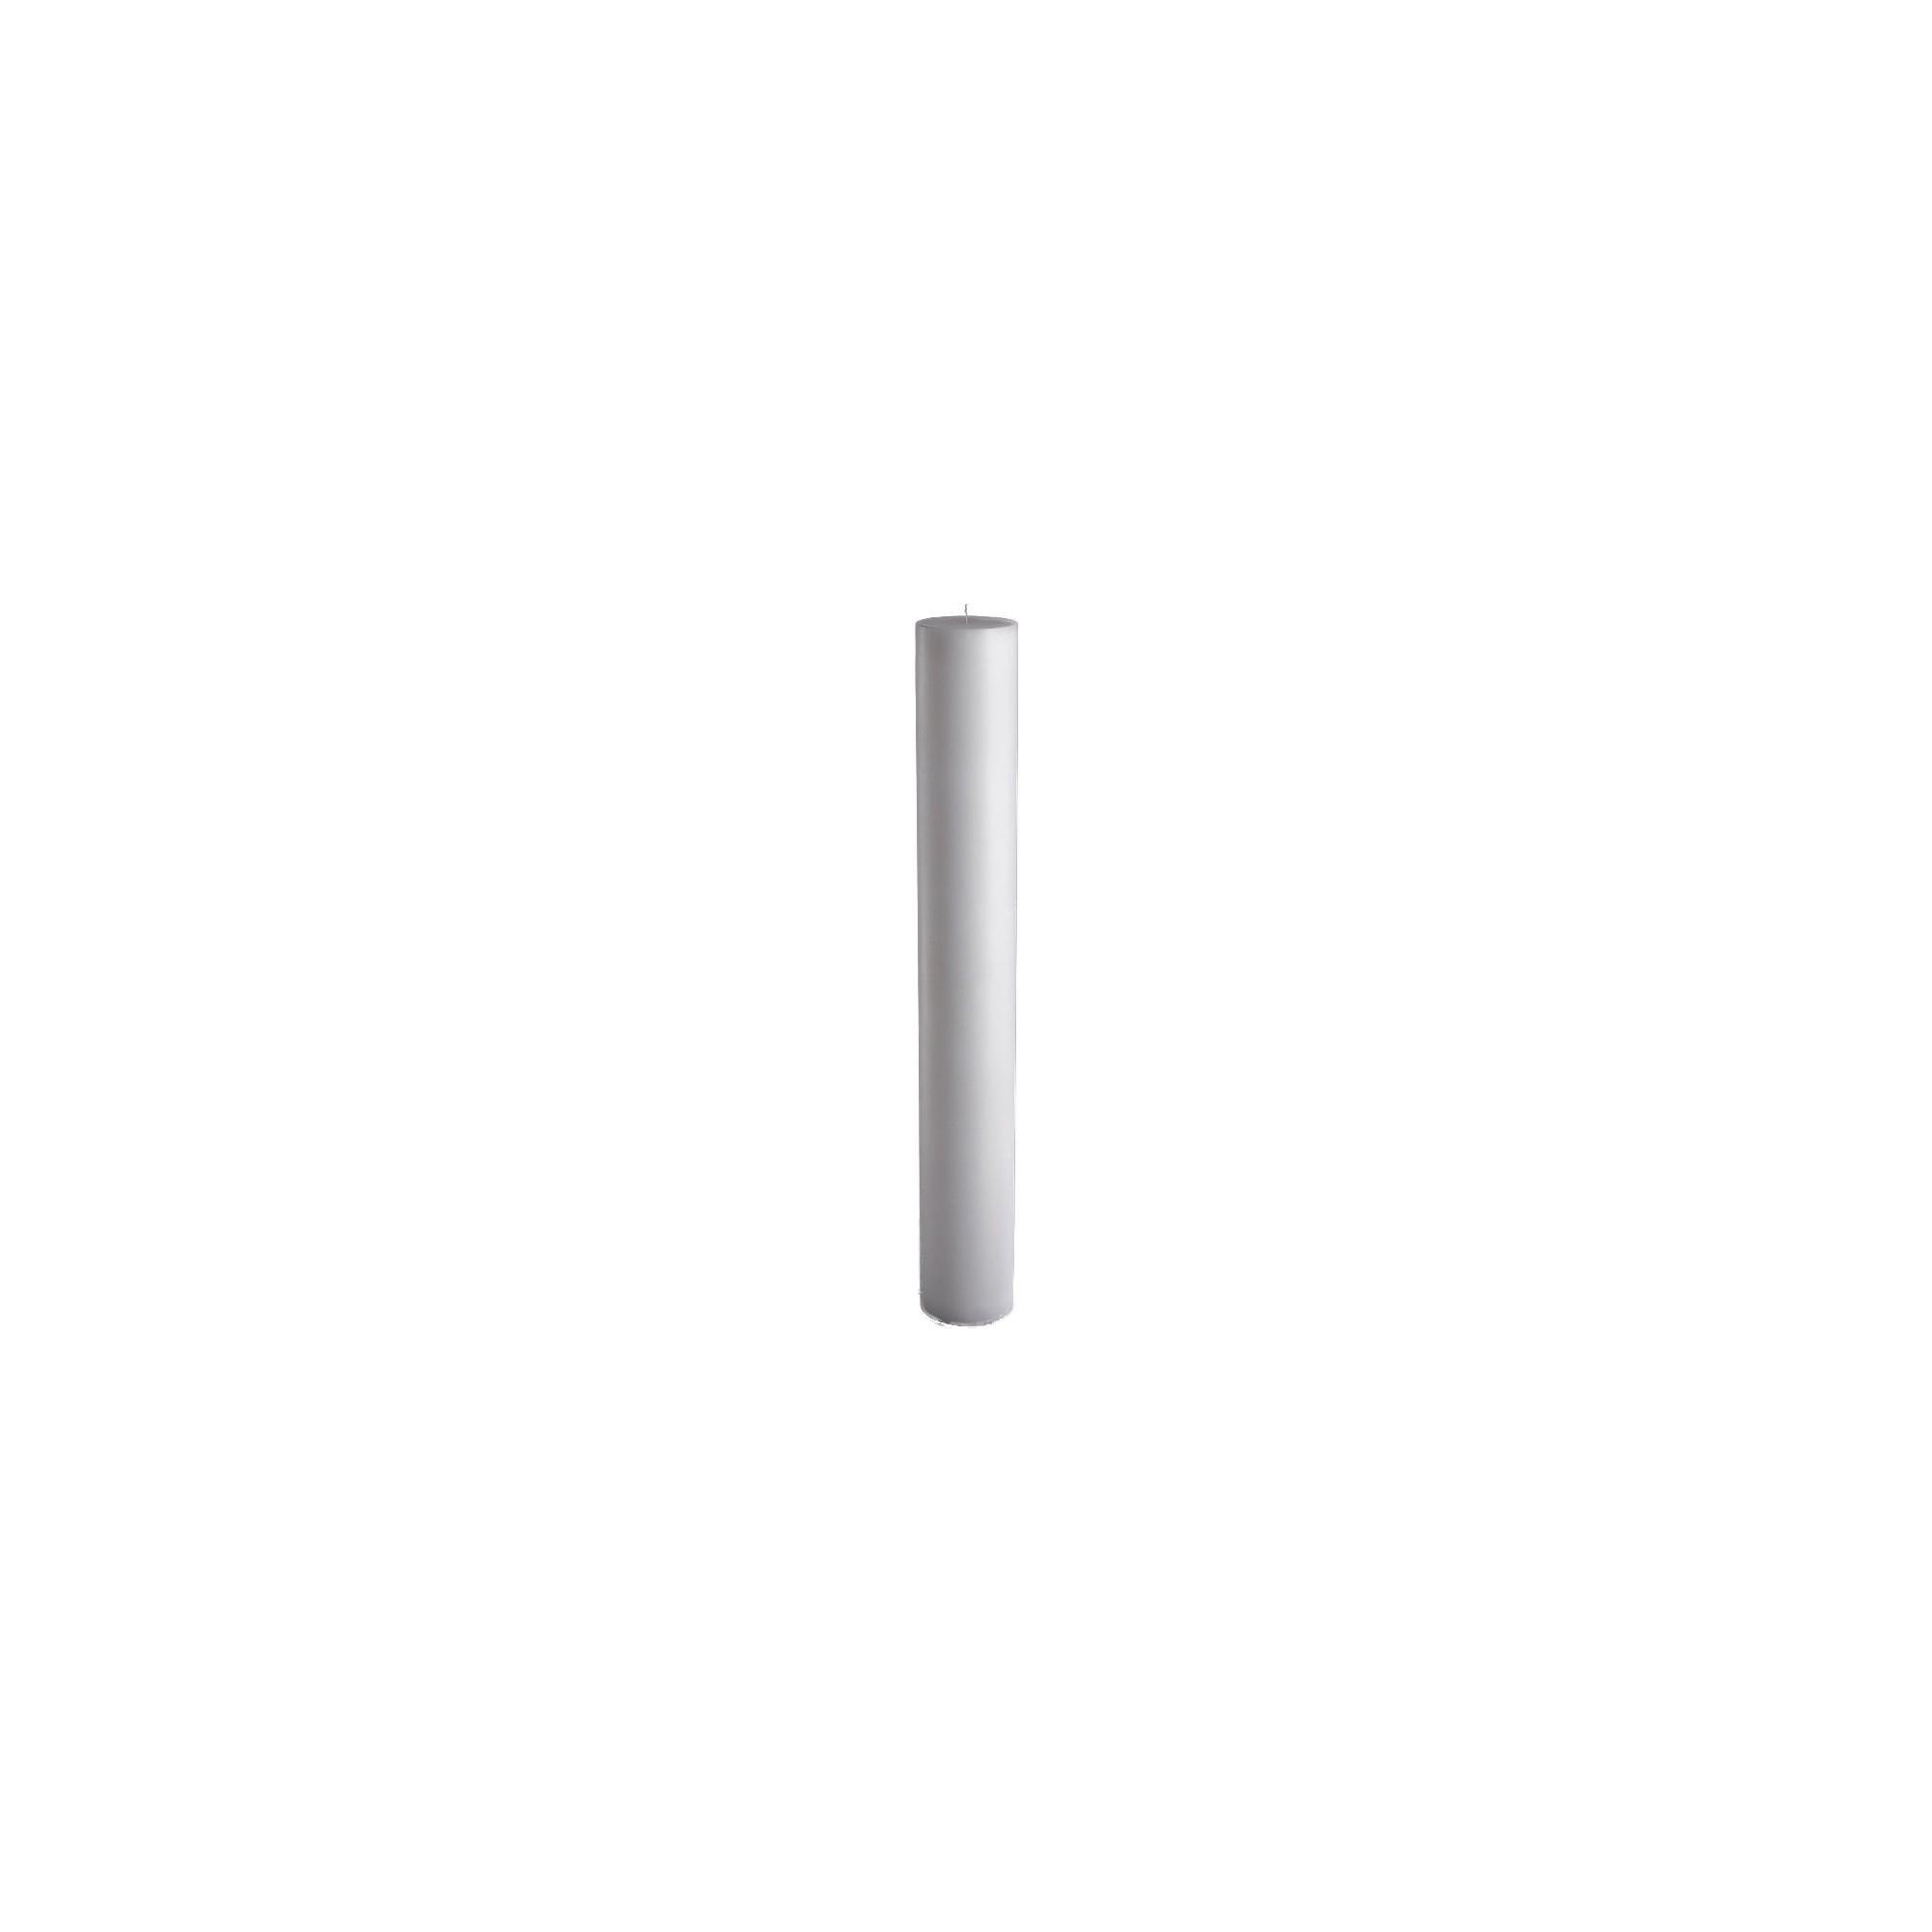 Λαμπάδα λεία 20 x 140 cm - NK20140